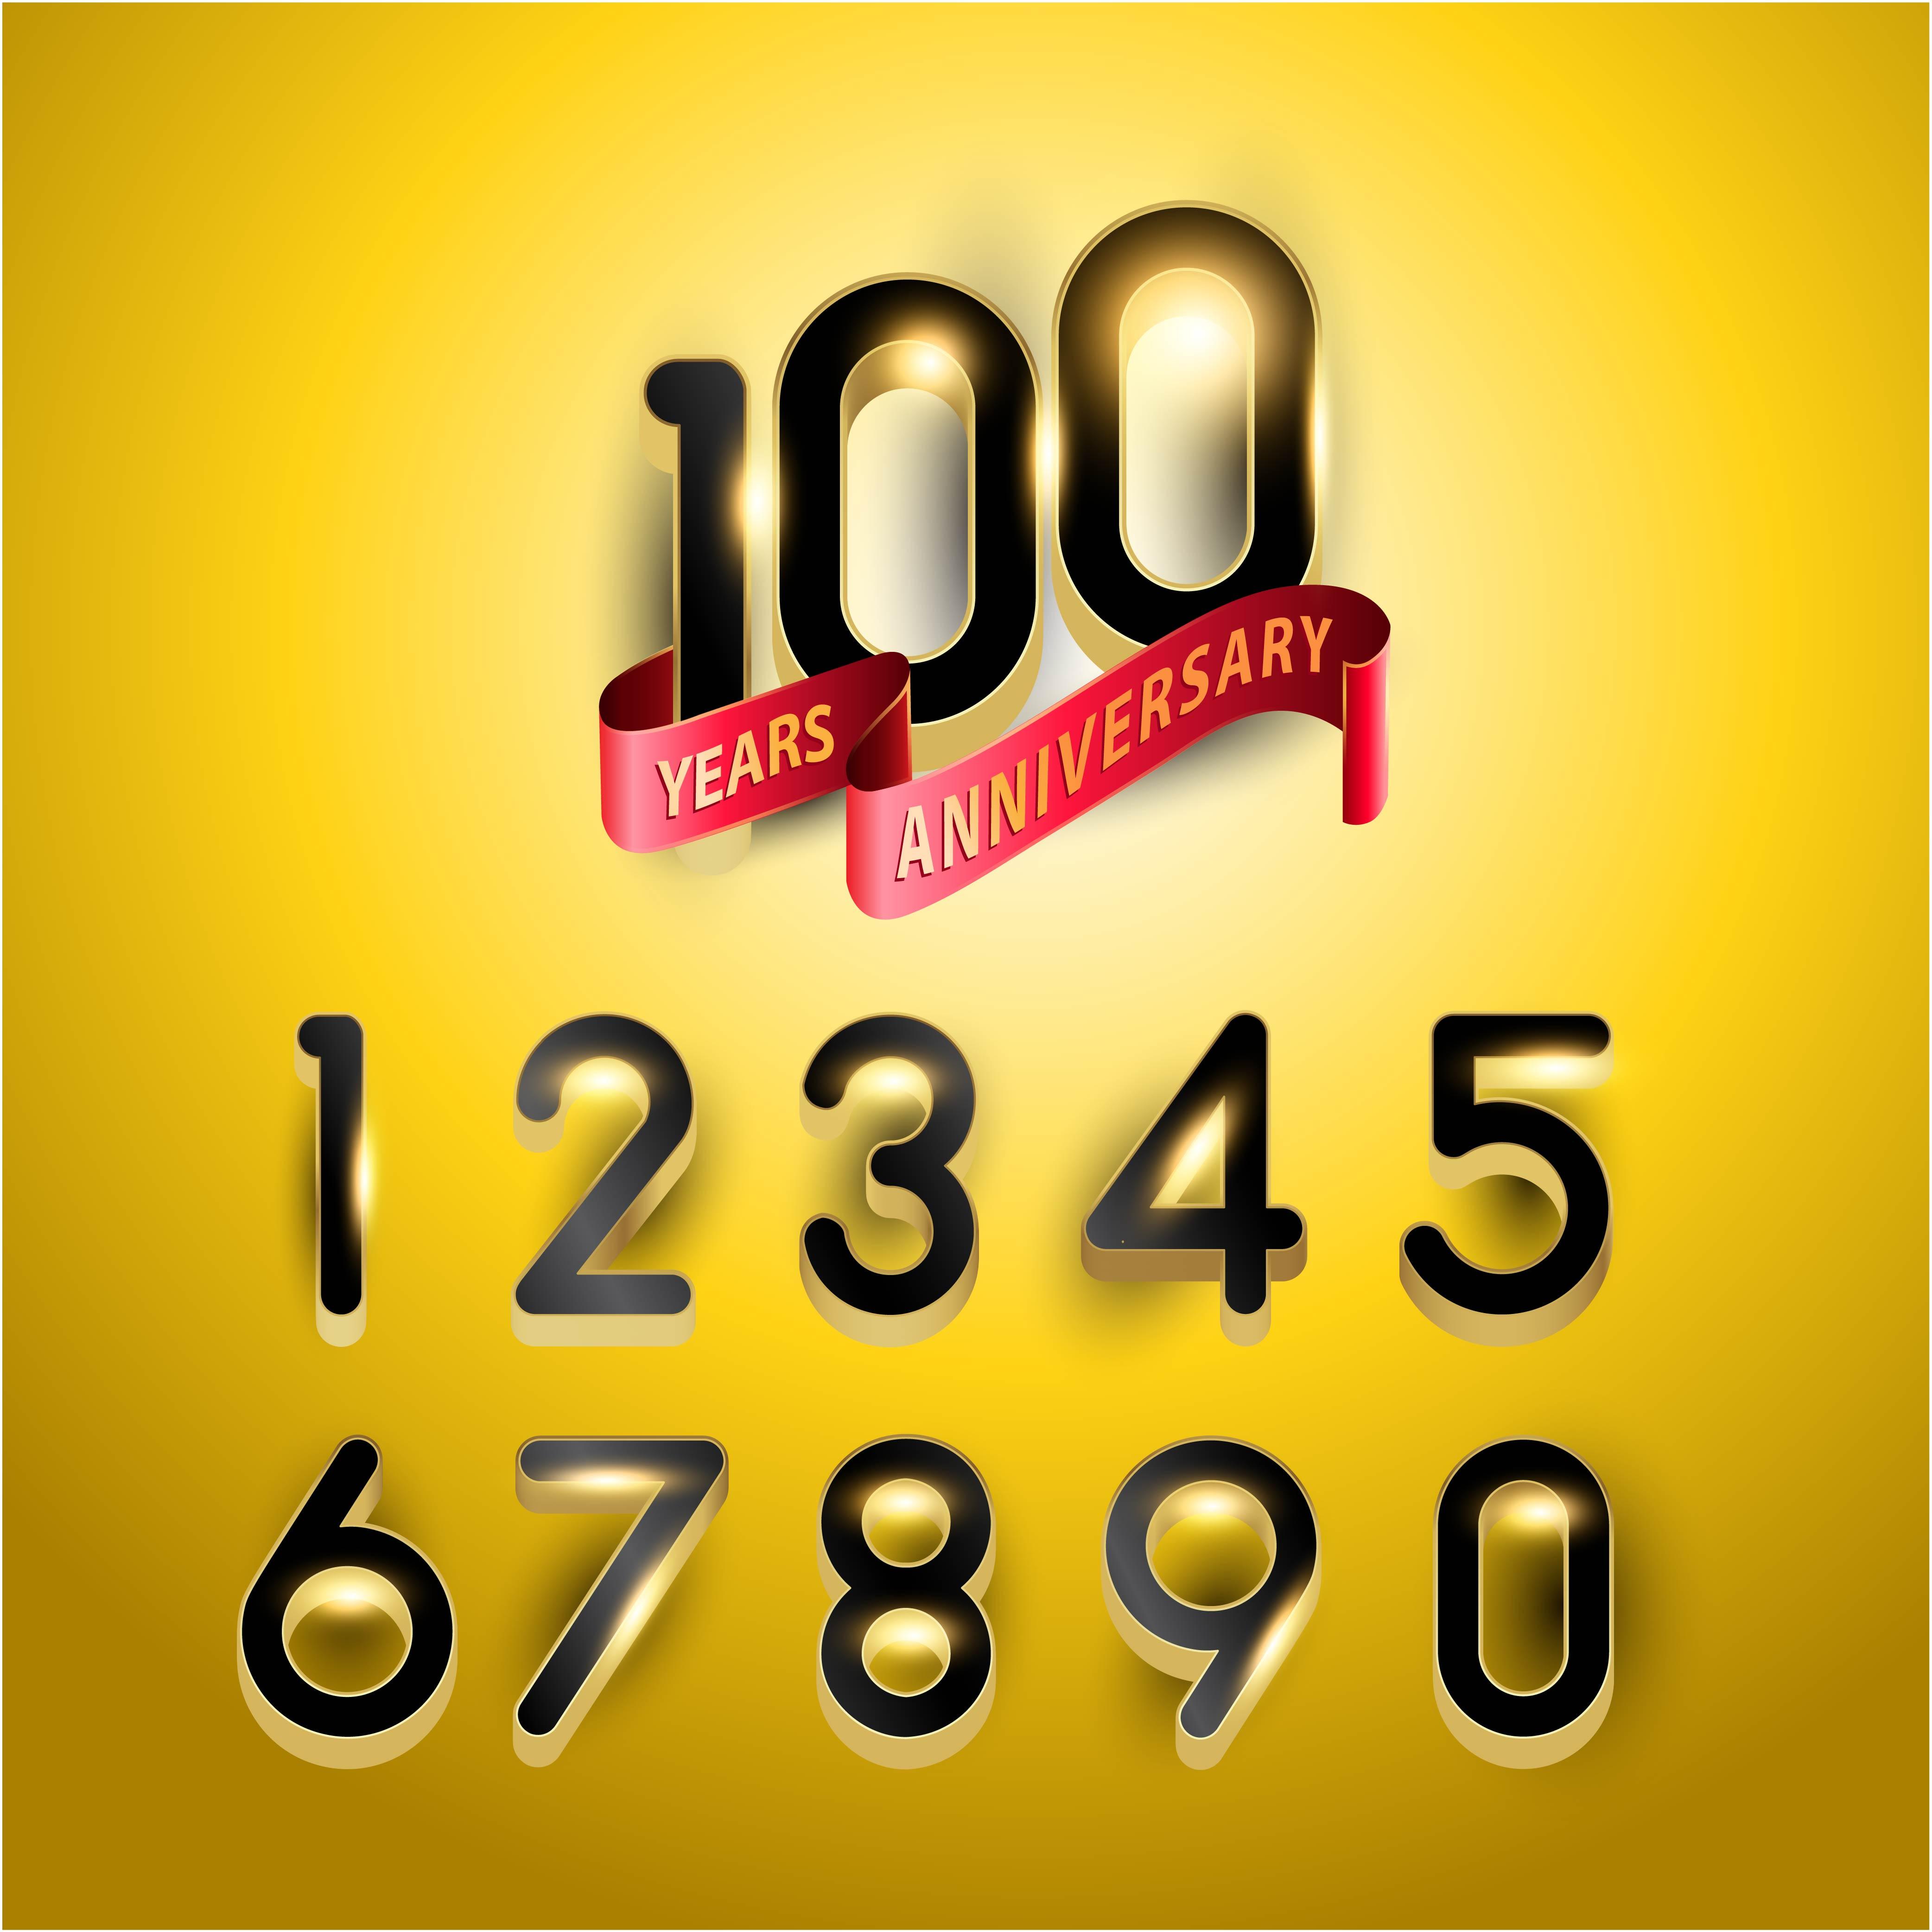 Números de aniversario de oro de 100 años con cinta roja